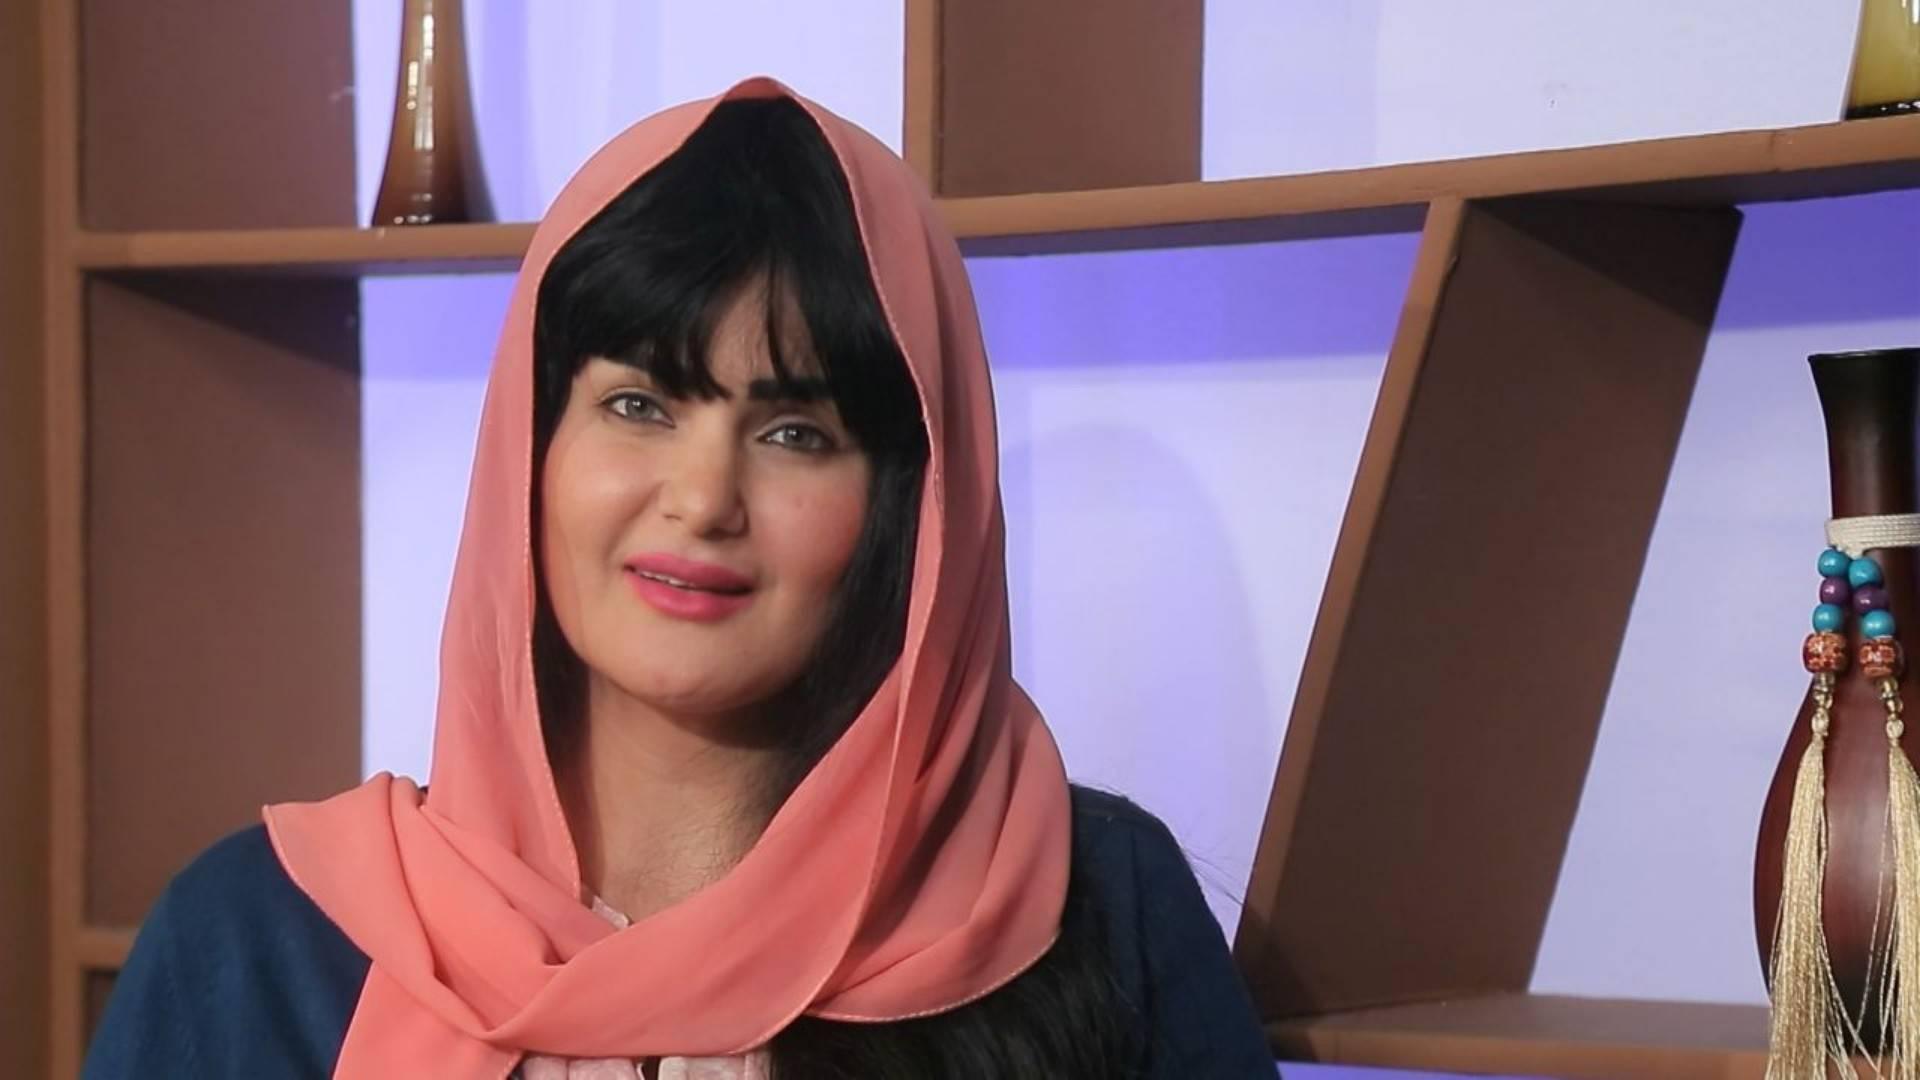 بالصور  ..  لن تصدق عدد أزواج سما المصري ..  والمفاجأة في عمرها الحقيقي ومهنتها قبل الشهرة